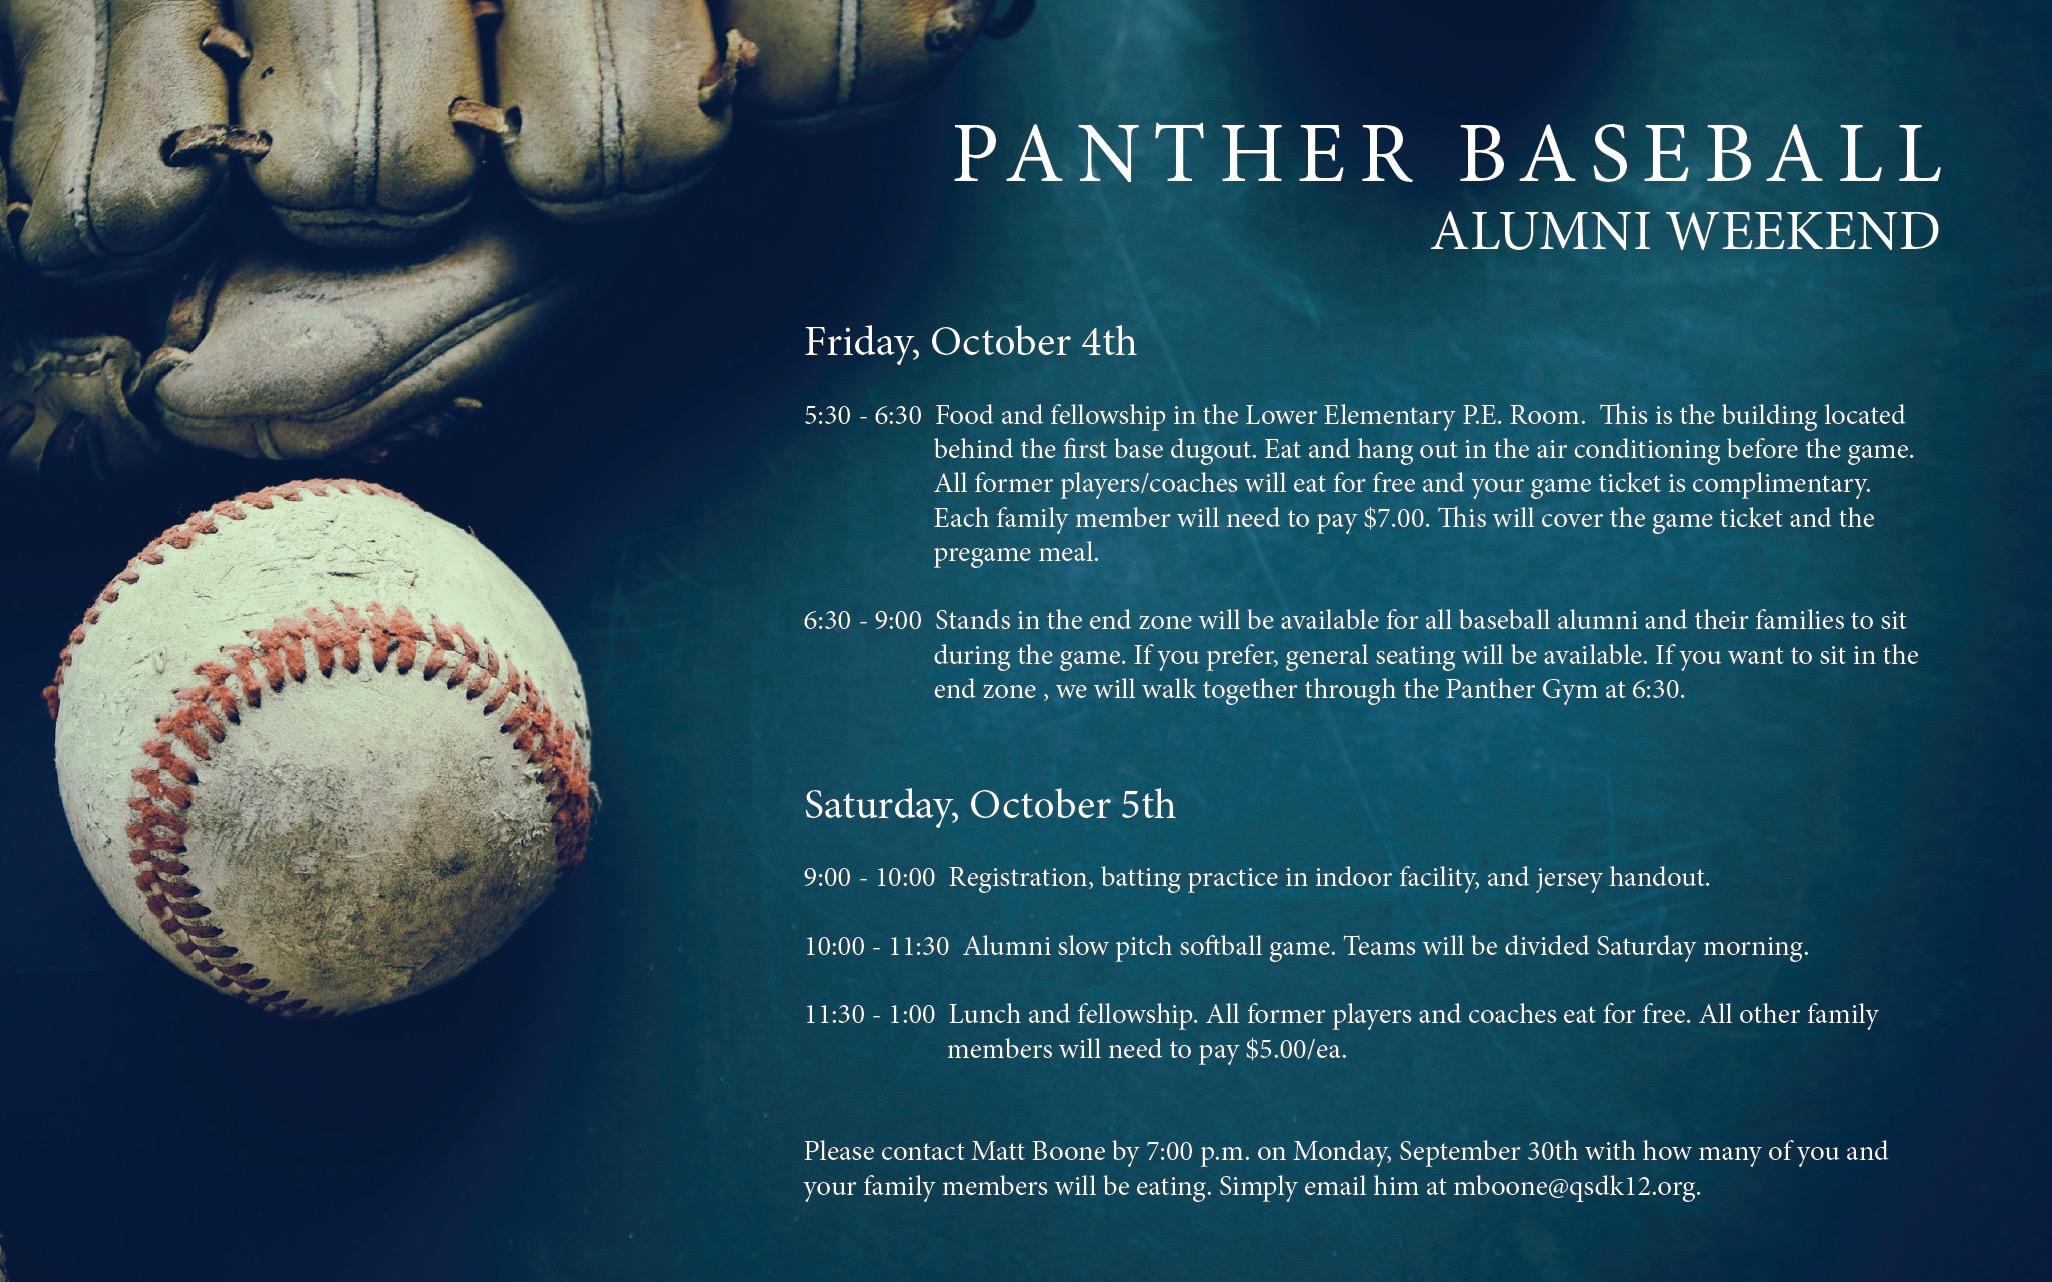 Panther Baseball Alumni Weekend flyer